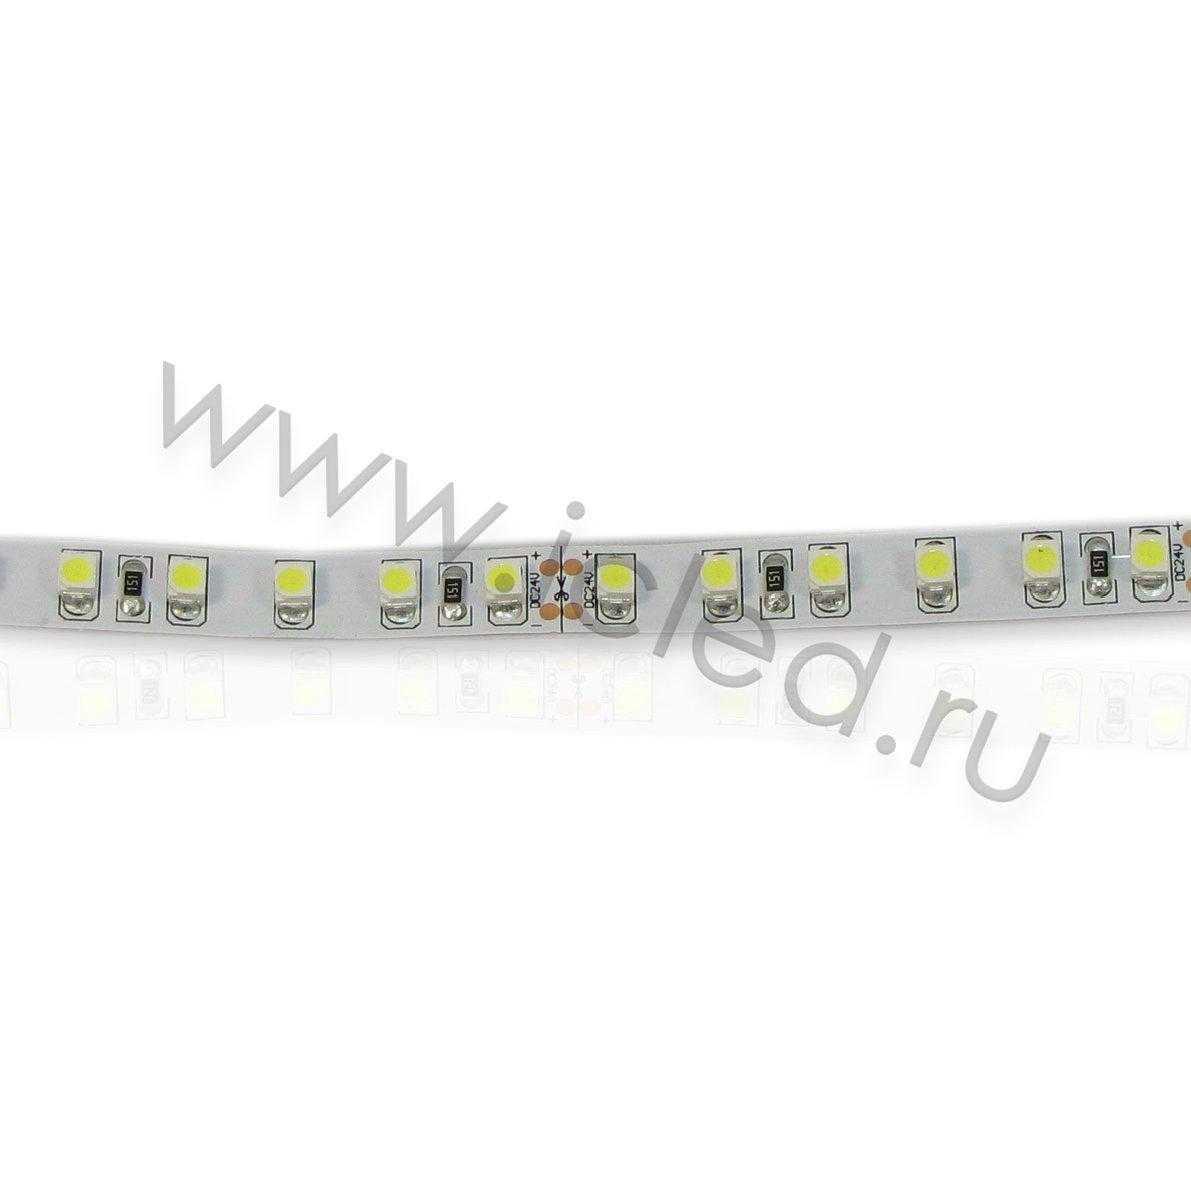 Светодиодная лента Class B, 3528, 120 led/m, White, 24V, IP33